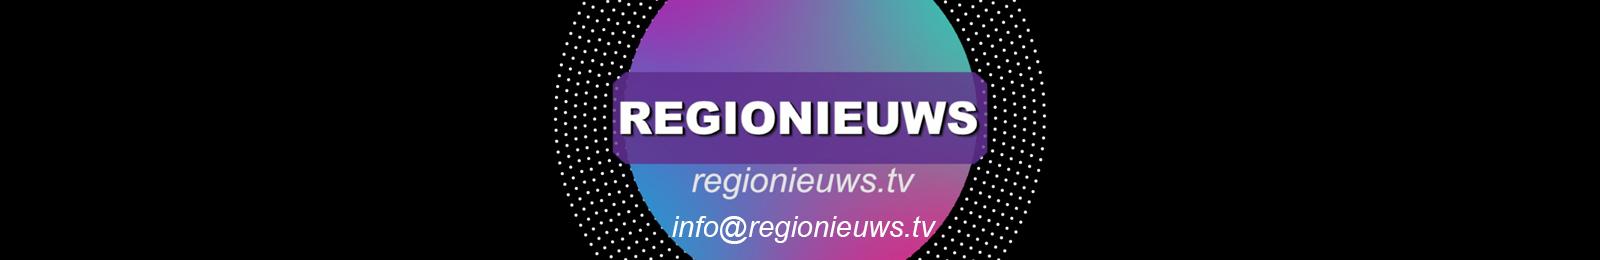 Regionieuws.tv